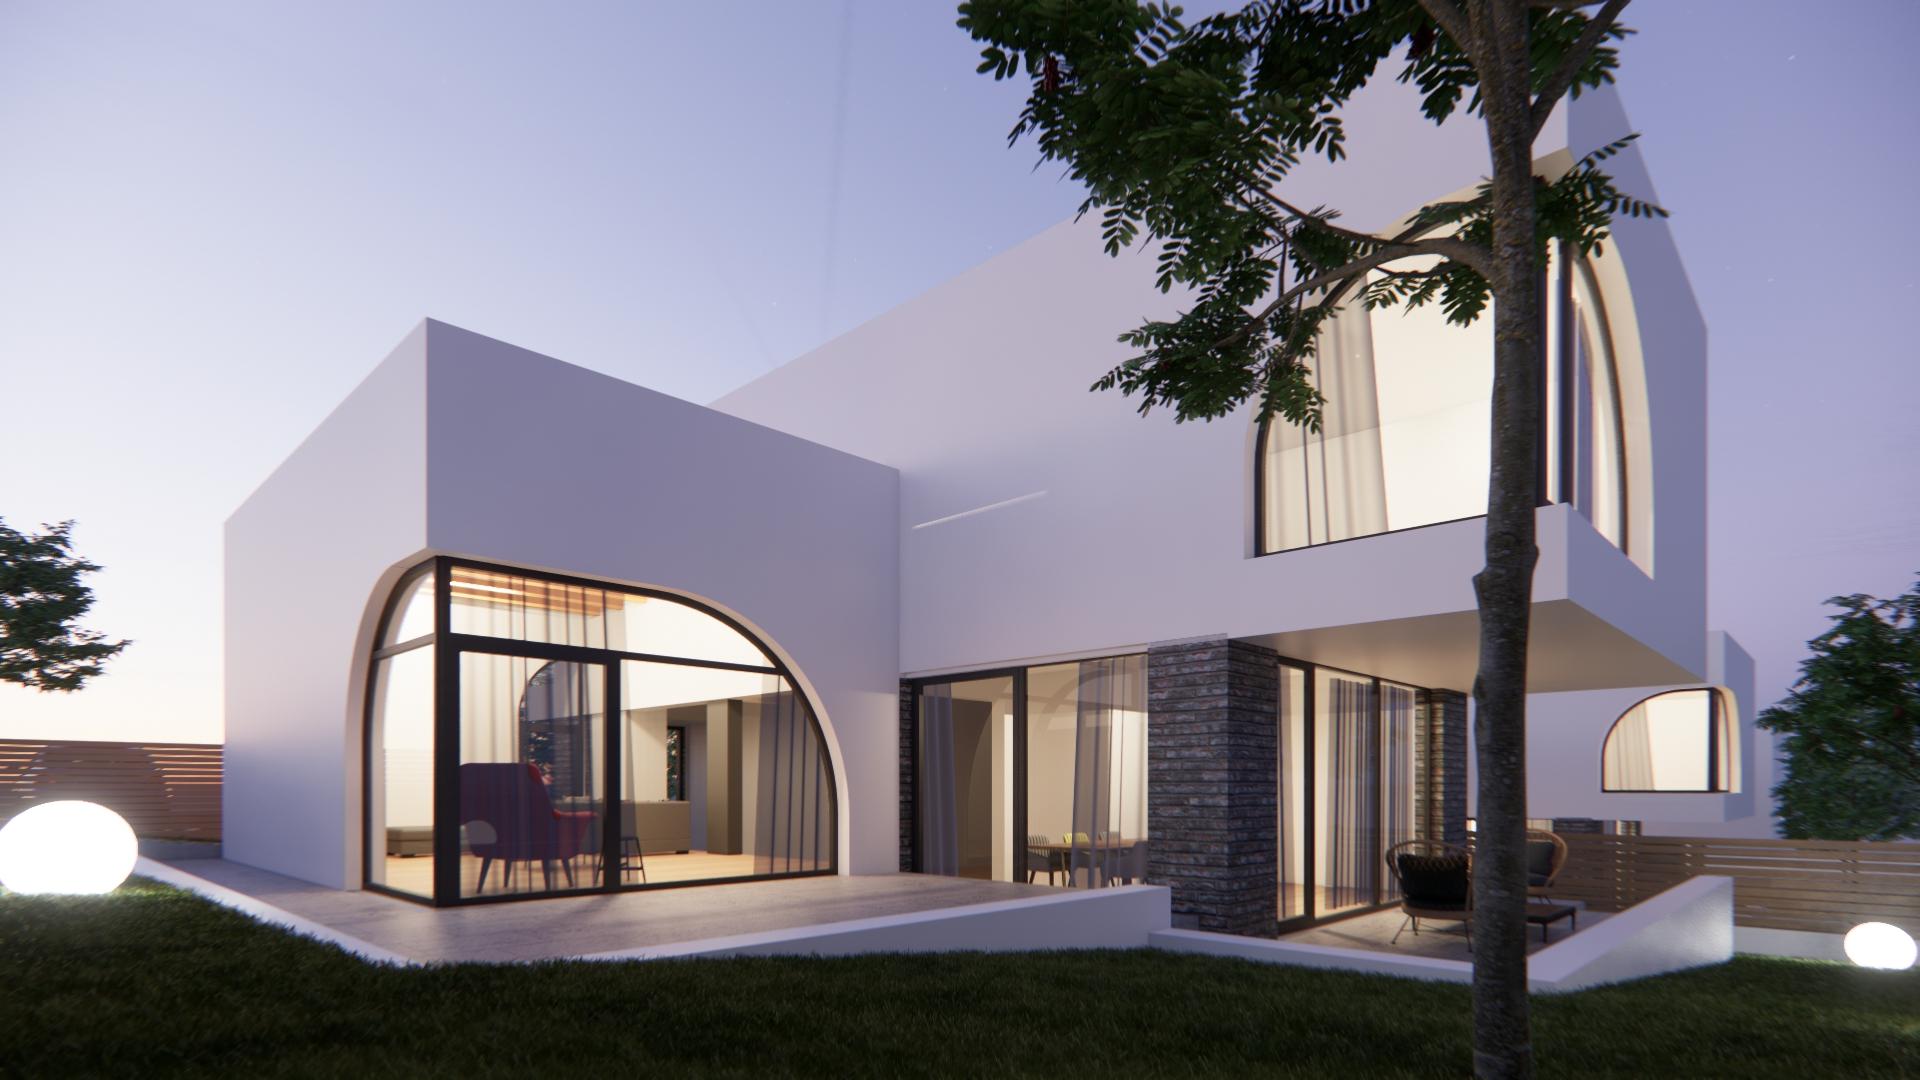 https://nbc-arhitect.ro/wp-content/uploads/2020/10/NBC-Arhitect-_-Laguna-_-Housing-_-exterior-view_5-master_photo.jpg